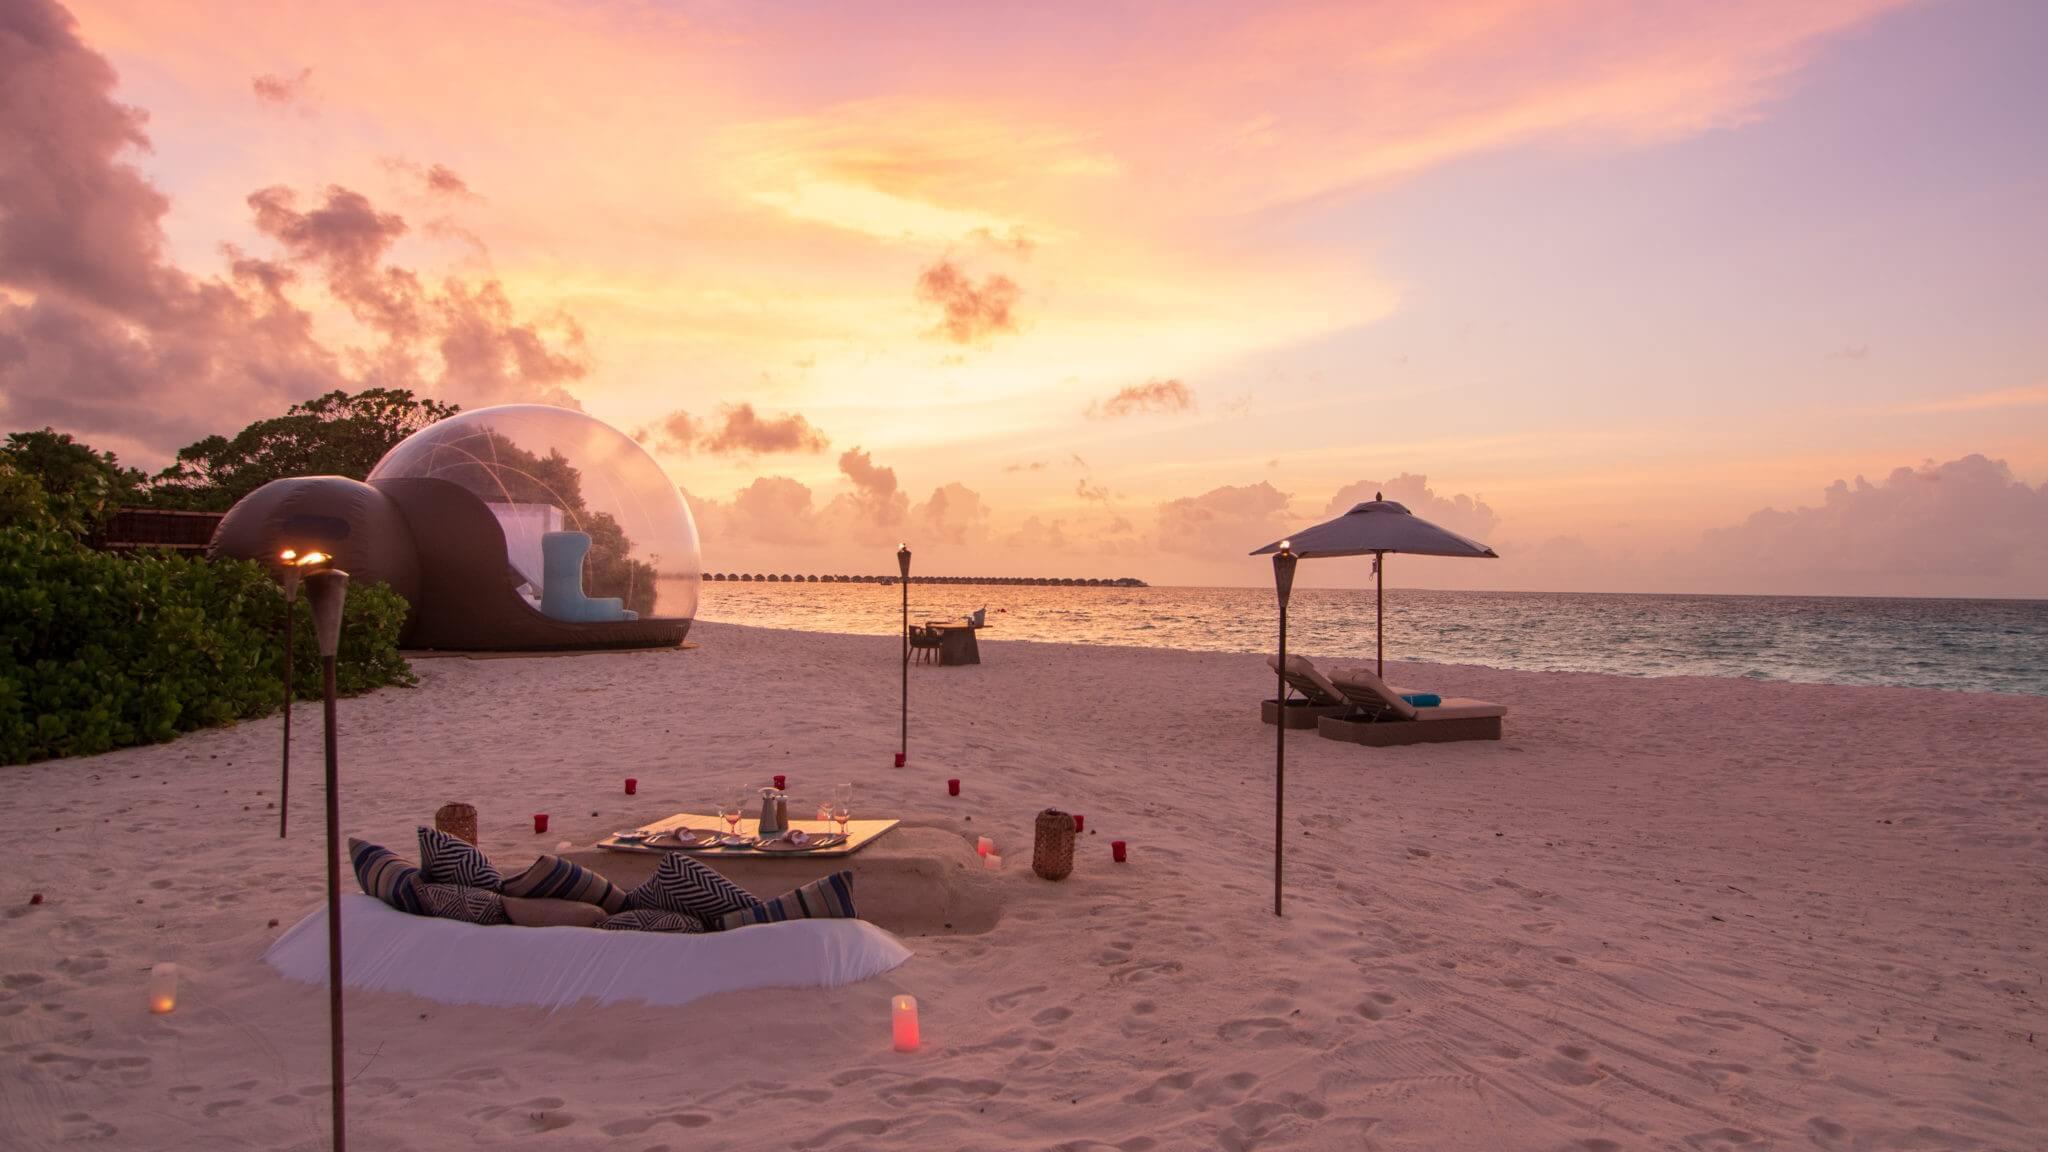 Sonnenuntergang im Finolhu Resort am Strand mit Blick aufs Meer